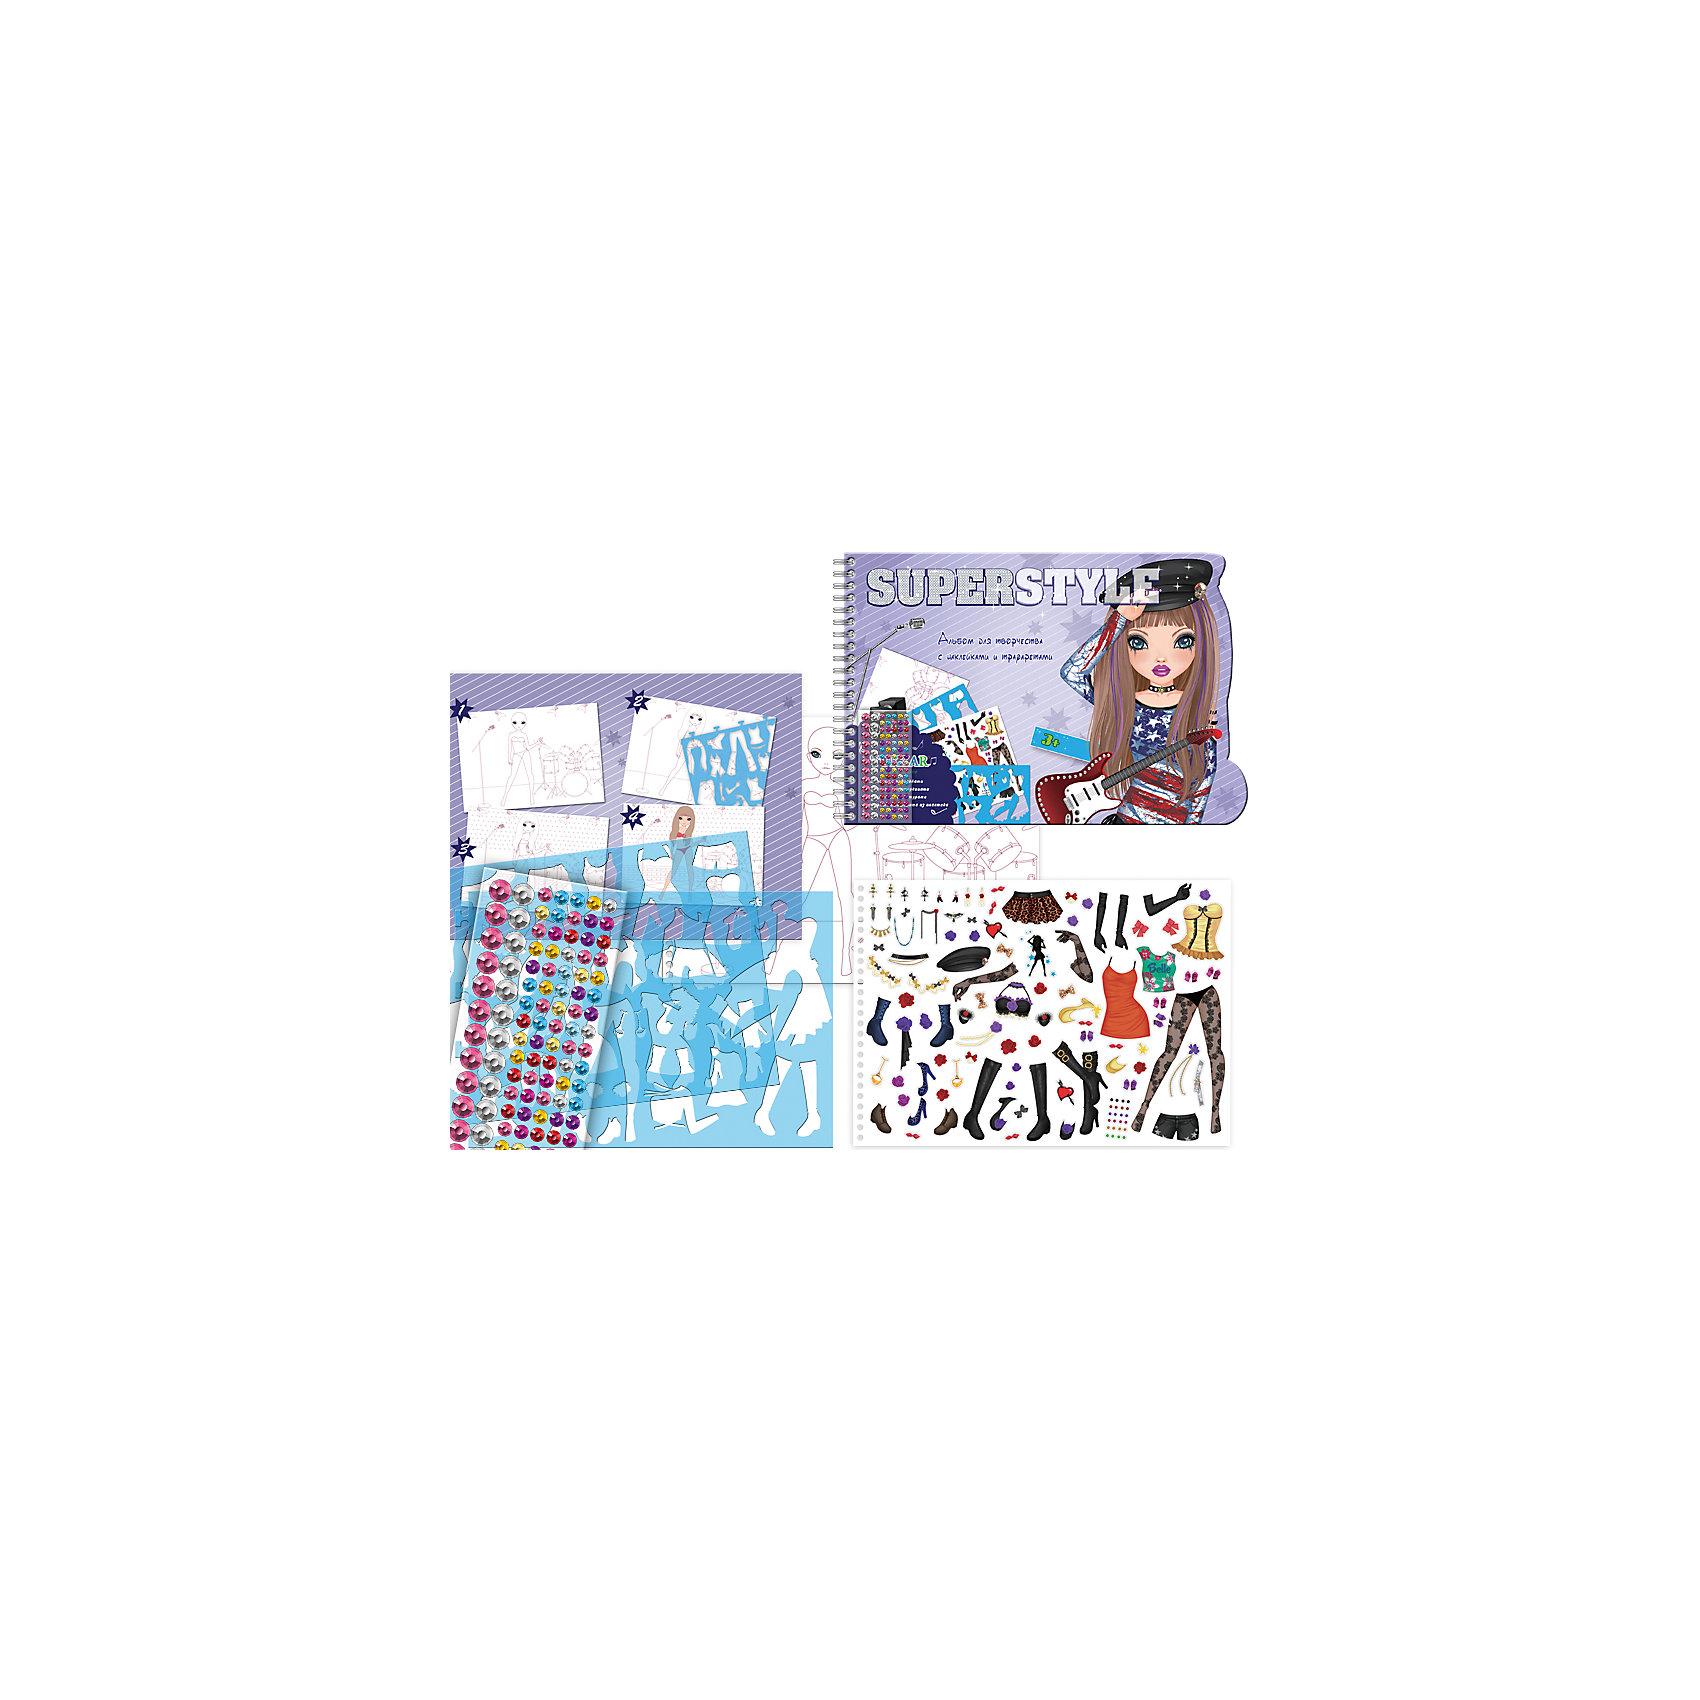 Альбом для творчества Мода, с трафаретами и наклейками со стразамиАльбом для творчества Мода, с трафаретами и наклейками от известного торгового бренда канцелярских товаров и товаров для творчества TUKZAR. Этот набор подарит увлекательное и, вместе с тем, развивающее времяпрепровождение для вашей девочки. Почувствовать себя настоящим модельером, создавать свои дизайнерские вещи и устраивать модные показы – теперь это возможно благодаря альбому для творчества с трафаретами и наклейками! С этим набором ваш ребенок в увлекательной форме познакомится с различными направлениями и стилями в одежде. <br>Альбом для творчества Мода, с трафаретами и наклейками станет прекрасным подарком для девочки к любому торжеству! <br><br>Дополнительная информация:<br><br>- Предназначение: для творческих занятий<br>- Пол: для девочки<br>- Комплектация: альбом с пластиковой обложкой, трафареты, наклейки, комплект страз разных размеров и цветов <br>- Размеры (Д*Ш): 24*26 см<br>- Упаковка: полиэтилен<br><br>Подробнее:<br><br>• Для детей в возрасте: от 3 лет <br>• Страна производитель: Китай<br>• Торговый бренд: TUKZAR<br><br>Альбом для творчества Мода, с трафаретами и наклейками можно купить в нашем интернет-магазине.<br><br>Ширина мм: 240<br>Глубина мм: 260<br>Высота мм: 20<br>Вес г: 100<br>Возраст от месяцев: 36<br>Возраст до месяцев: 132<br>Пол: Женский<br>Возраст: Детский<br>SKU: 5001431